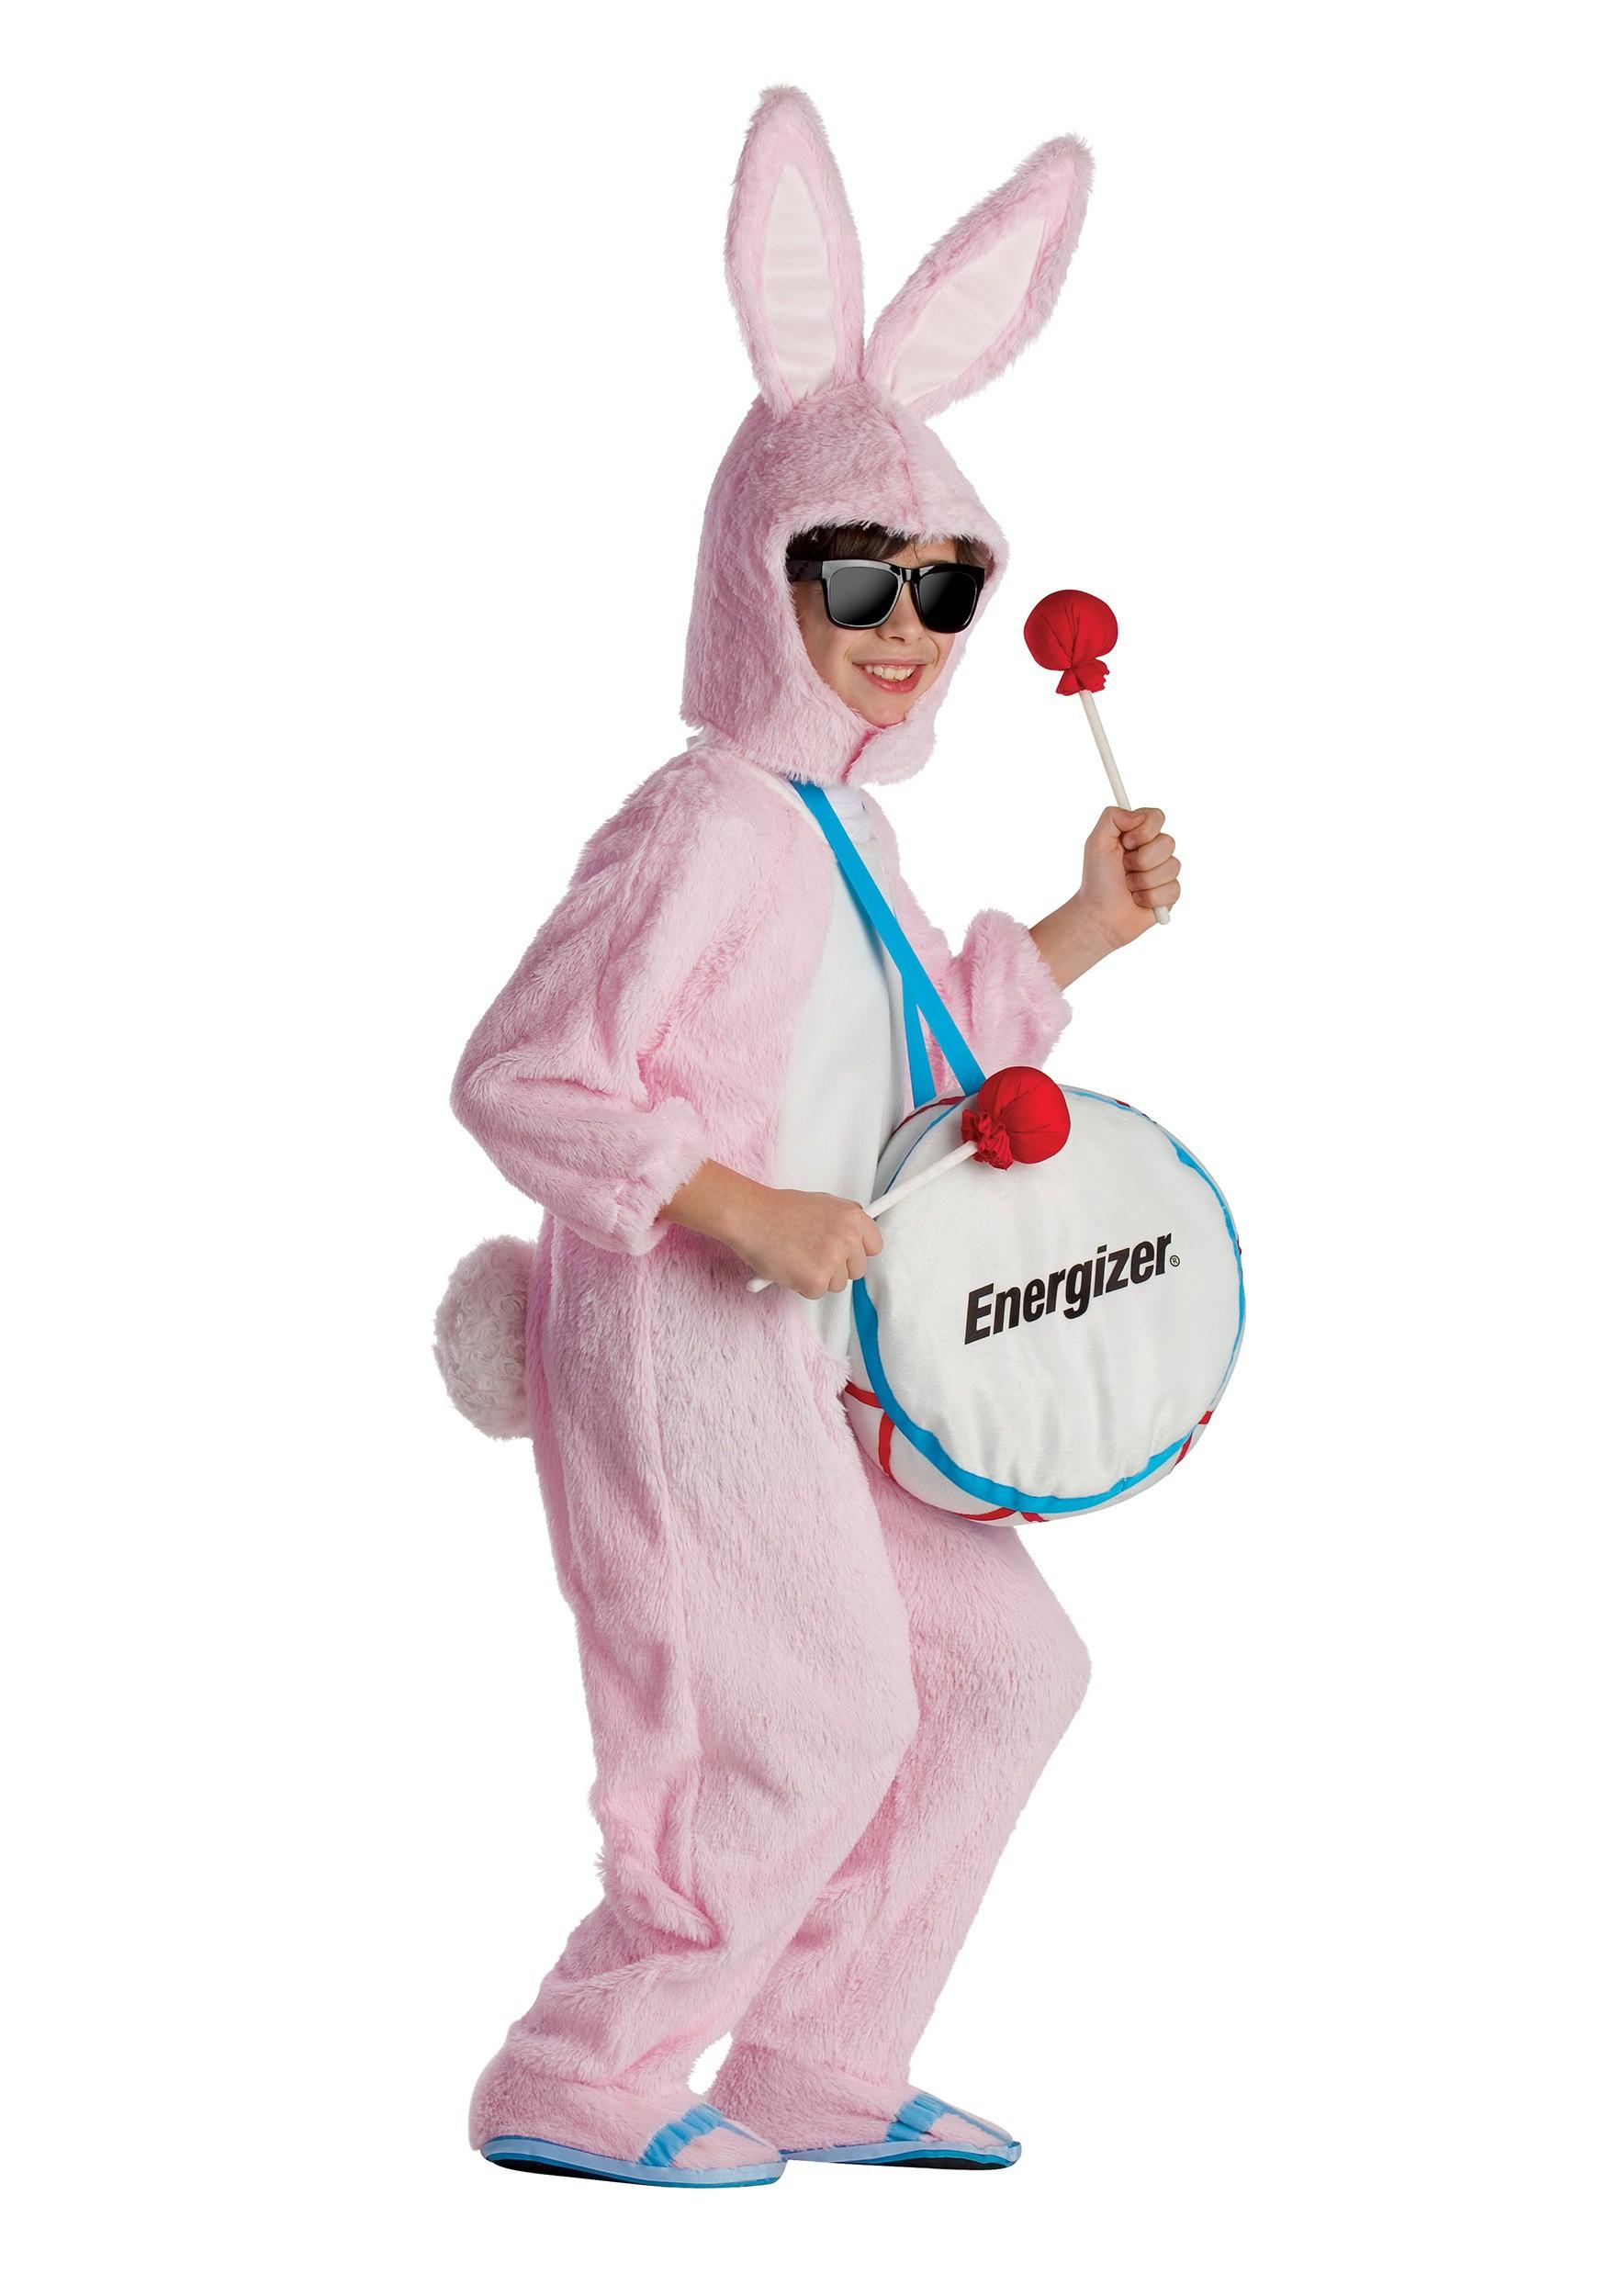 Energizer Bunny Halloween